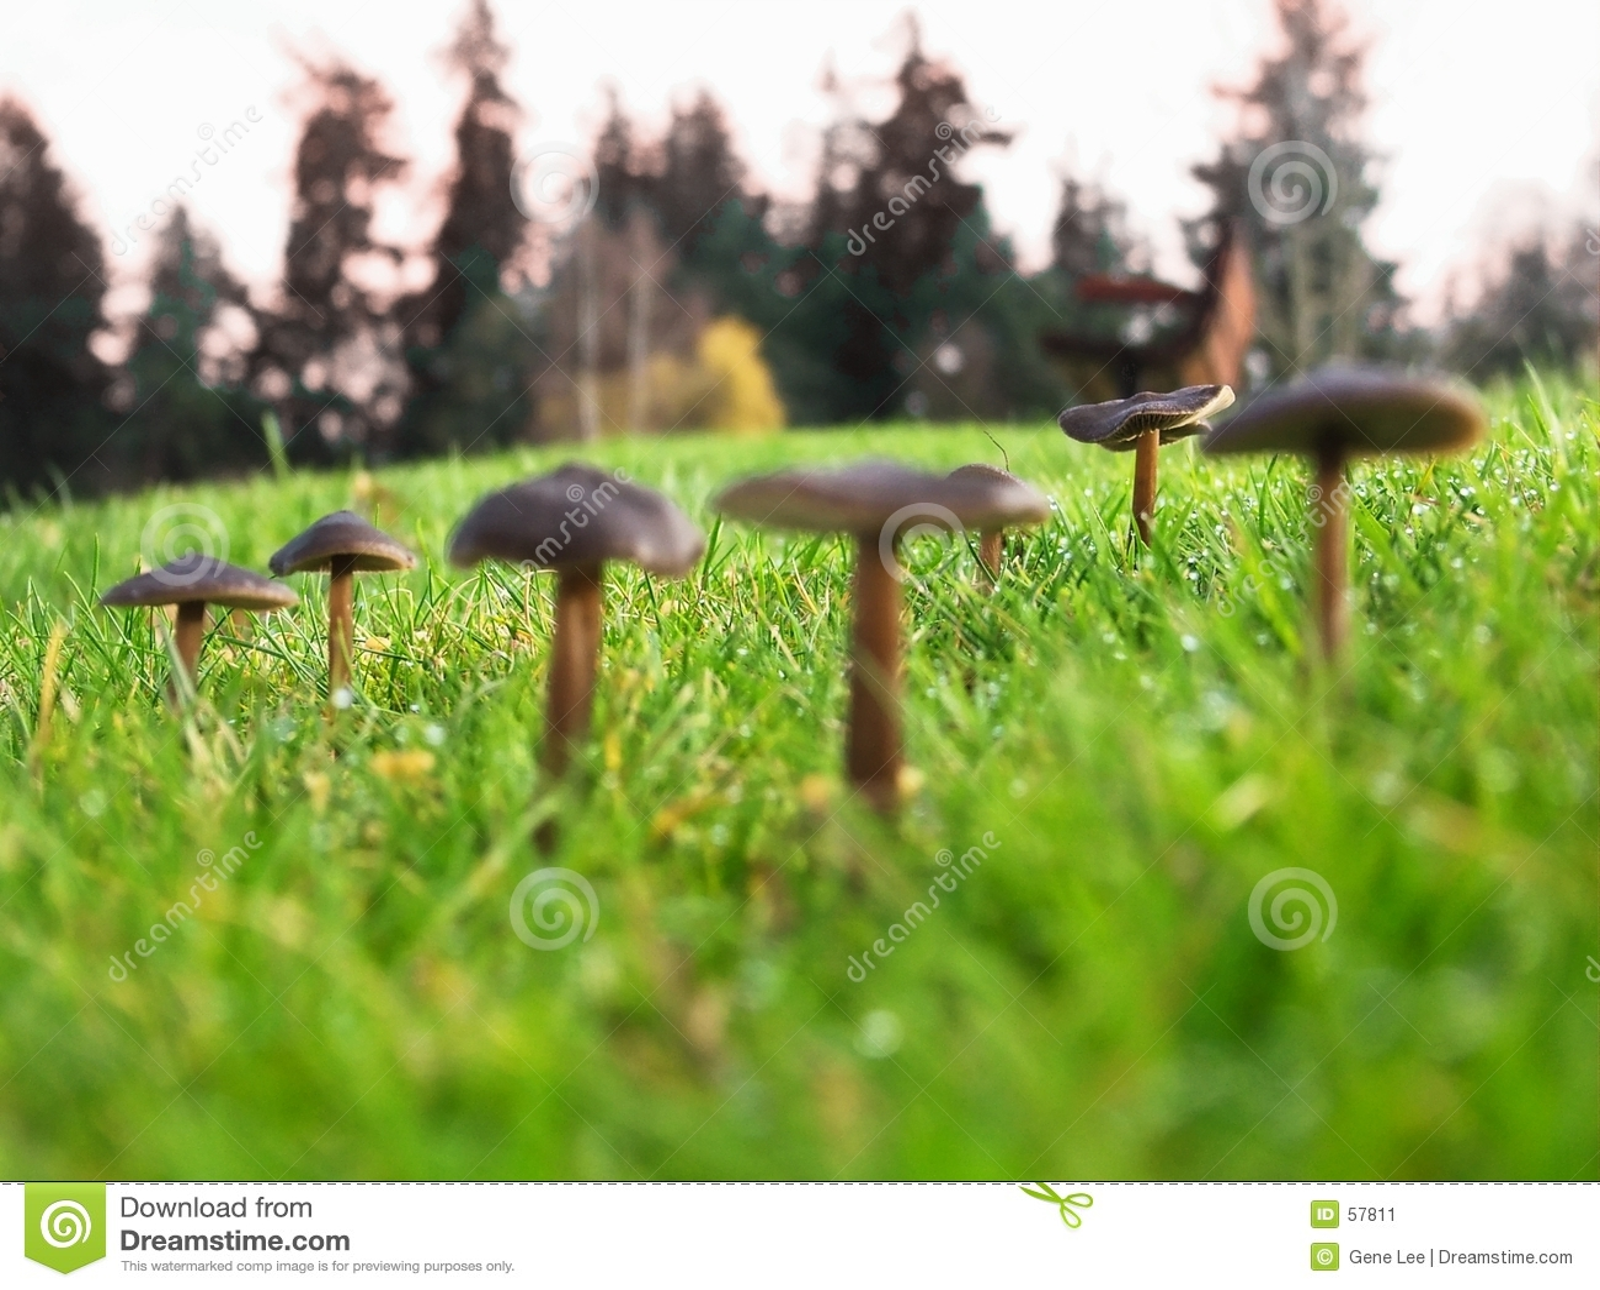 Download Champignons De Couche, DOF Peu Profond Image stock - Image du nature, centrale: 57811